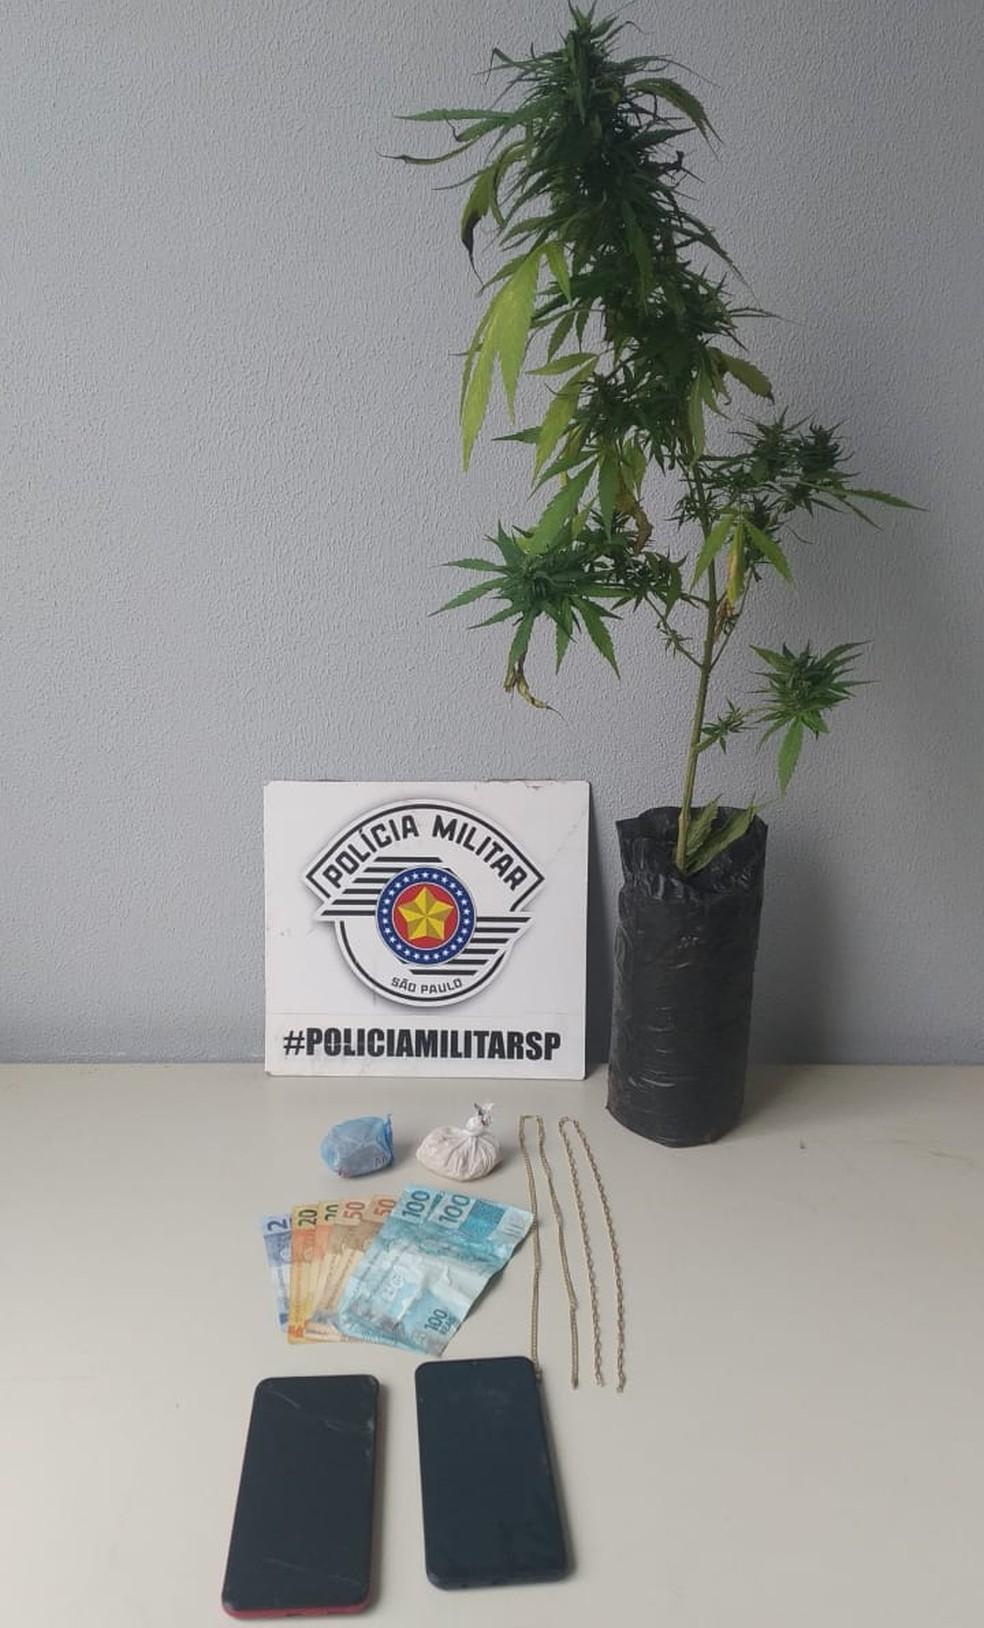 Caminhonete roubada na cidade de Paraguaçu Paulista foi localizada em uma residência em Presidente Prudente — Foto: Polícia Militar